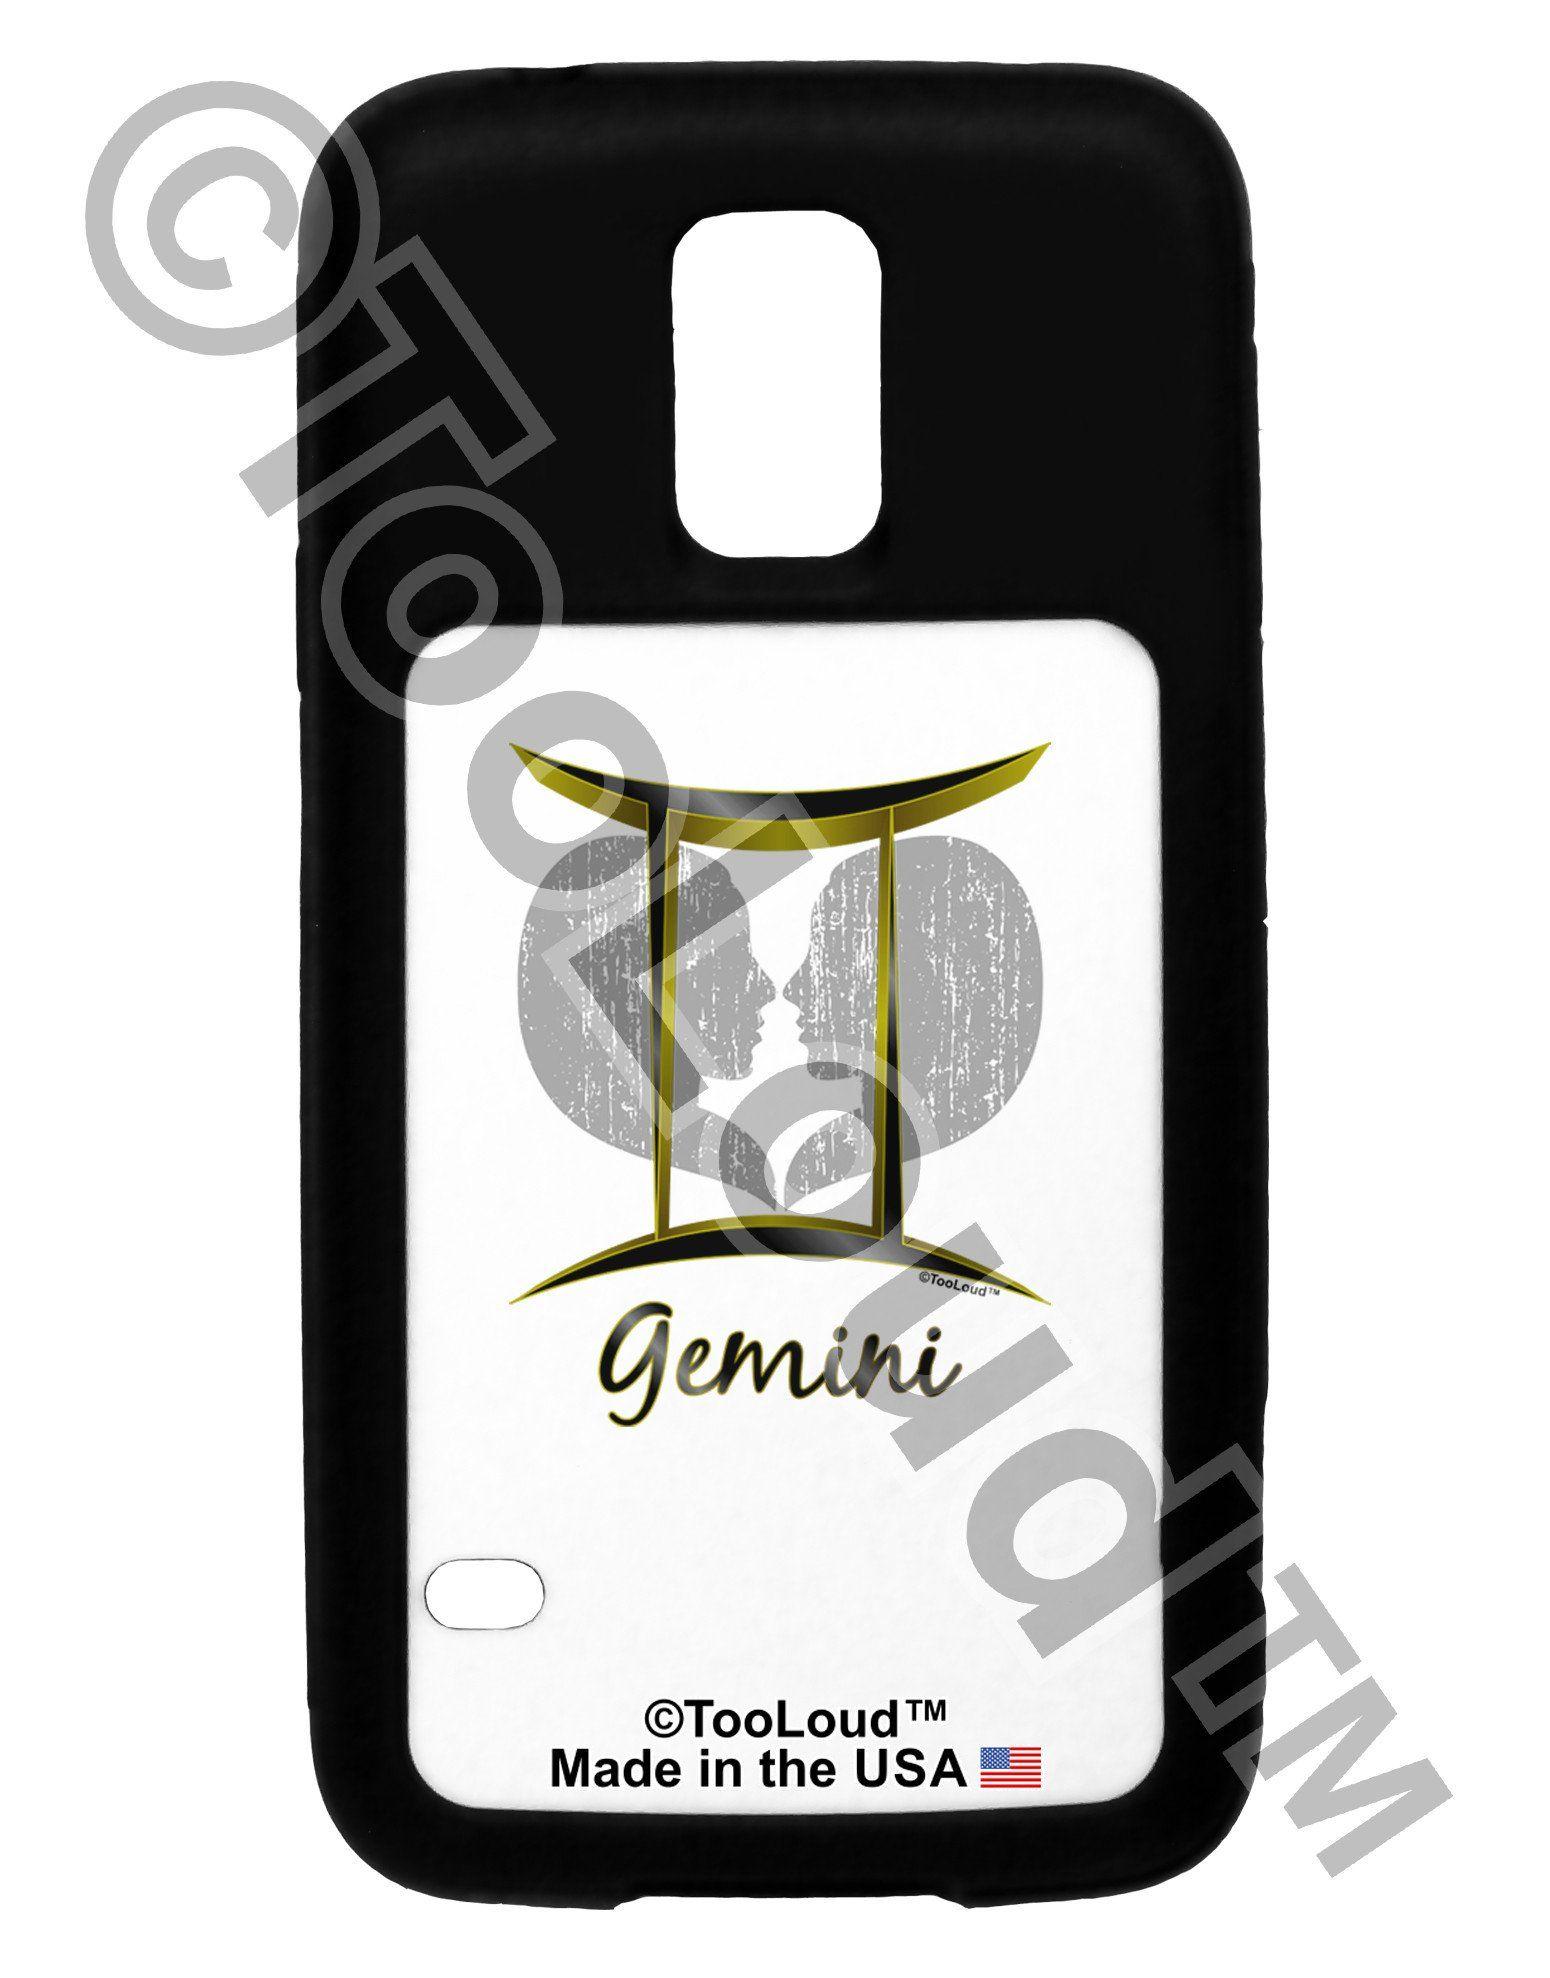 Gemini symbol galaxy s5 case gemini symbol galaxy s5 case and gemini symbol galaxy s5 case biocorpaavc